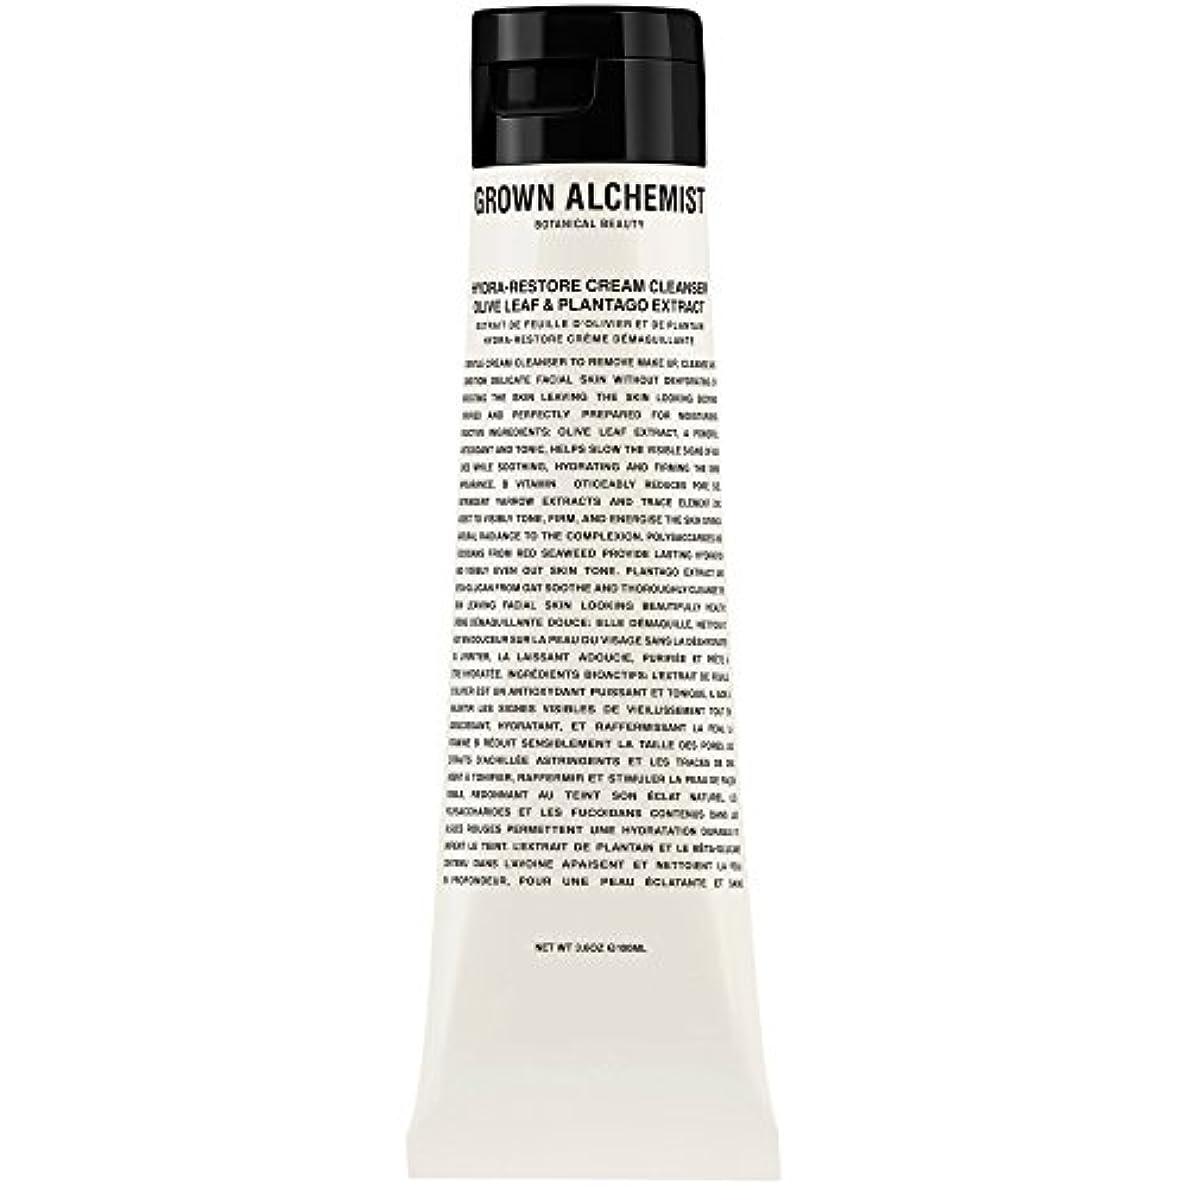 立法職業シンクオリーブの葉&Plantogoエキス、100ミリリットル:成長した錬金術師クリームクレンザーをヒドラ復元 (Grown Alchemist) (x2) - Grown Alchemist Hydra-Restore Cream...